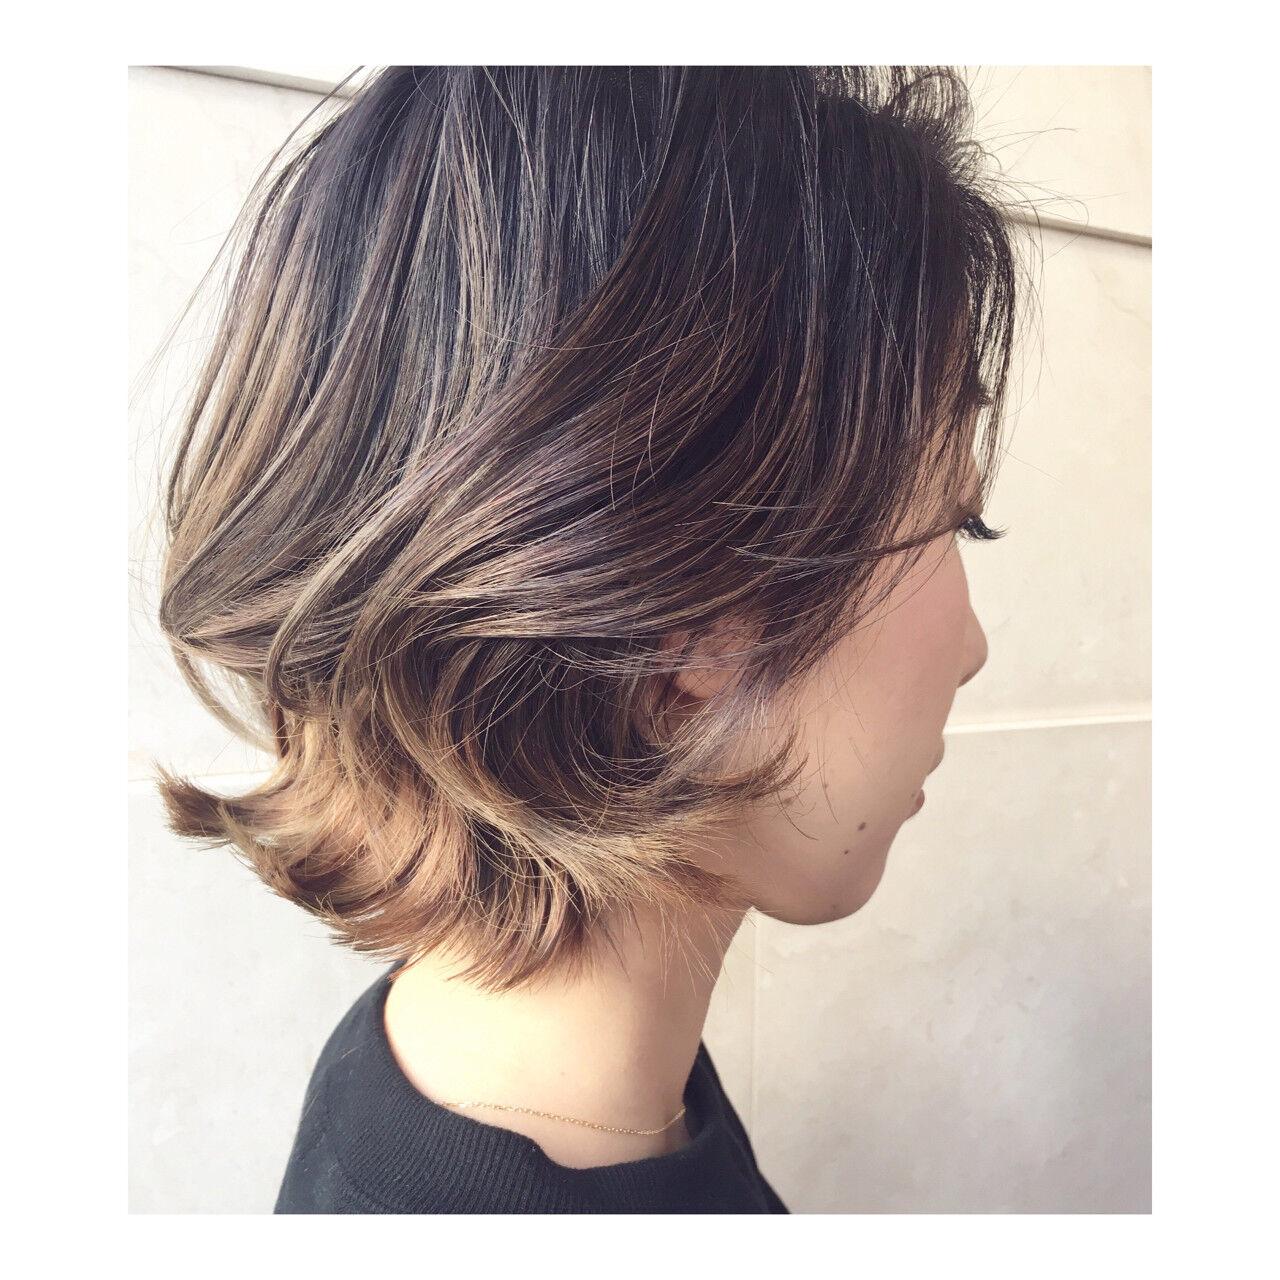 ストリート グラデーションカラー ショート 抜け感ヘアスタイルや髪型の写真・画像